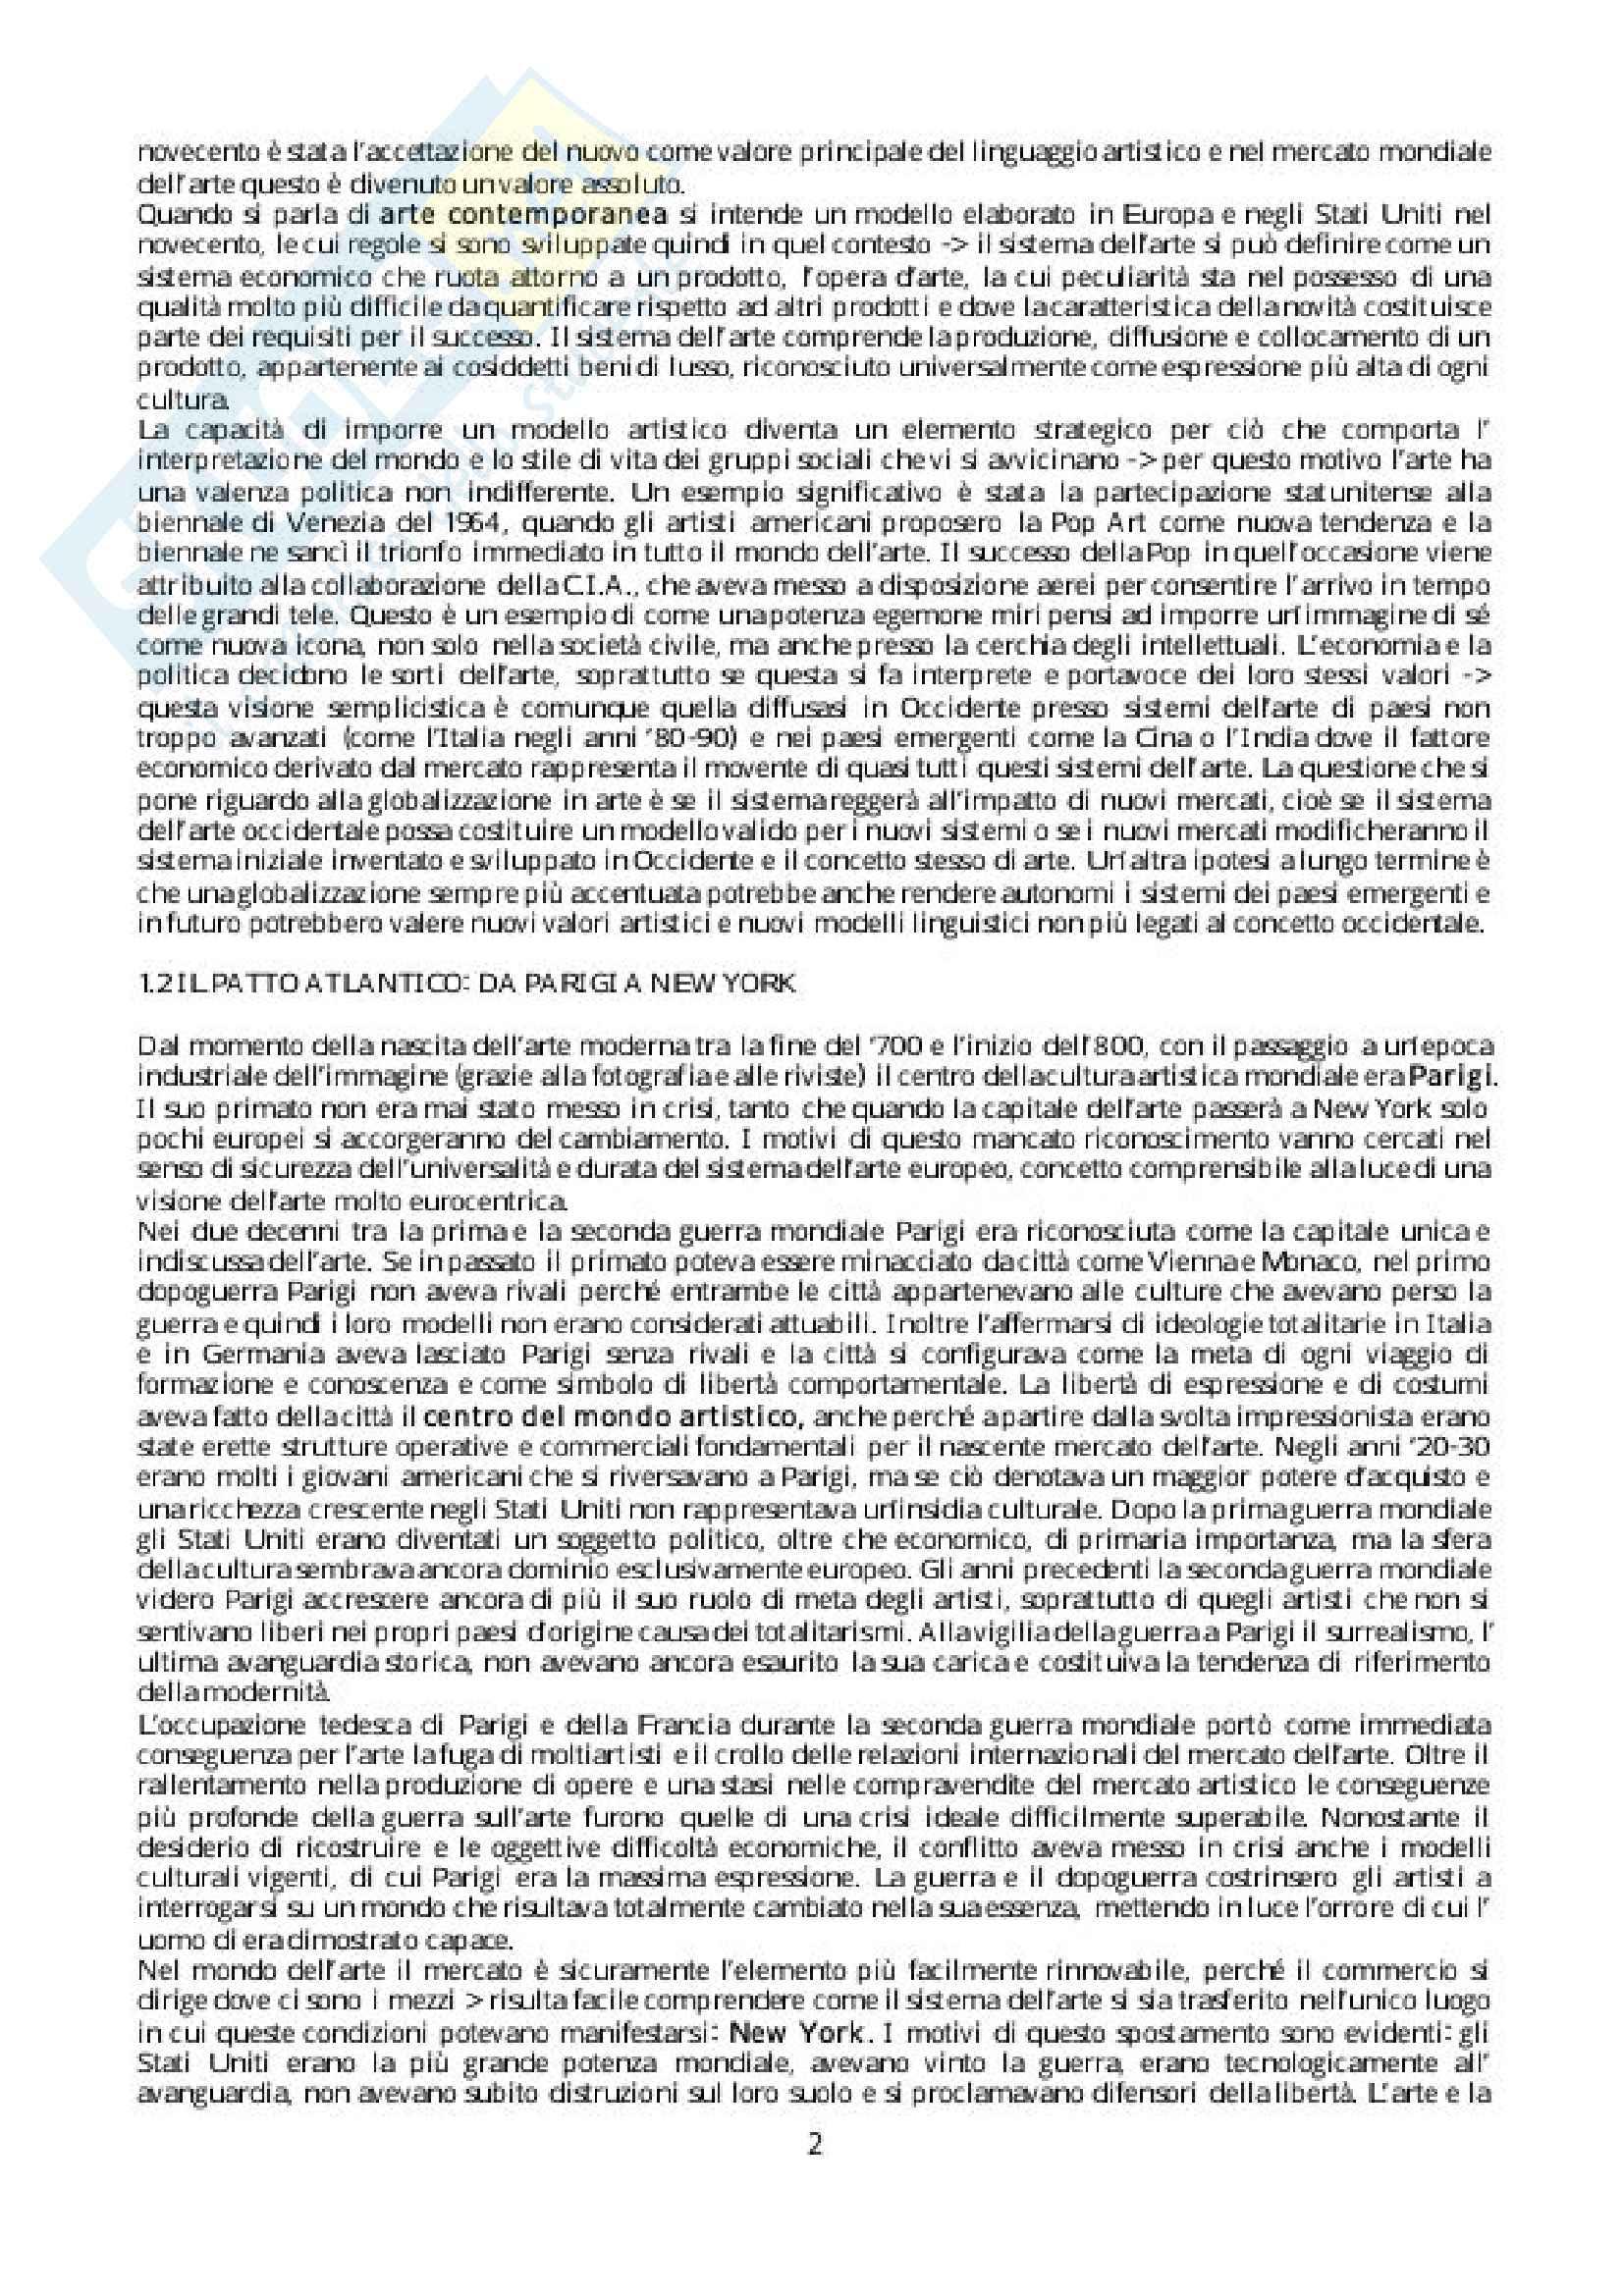 Riassunto esame Storia della critica, Docente Evangelisti. Libro consigliato Breve storia della globalizzazione in arte, Autore: Meneguzzo Pag. 2